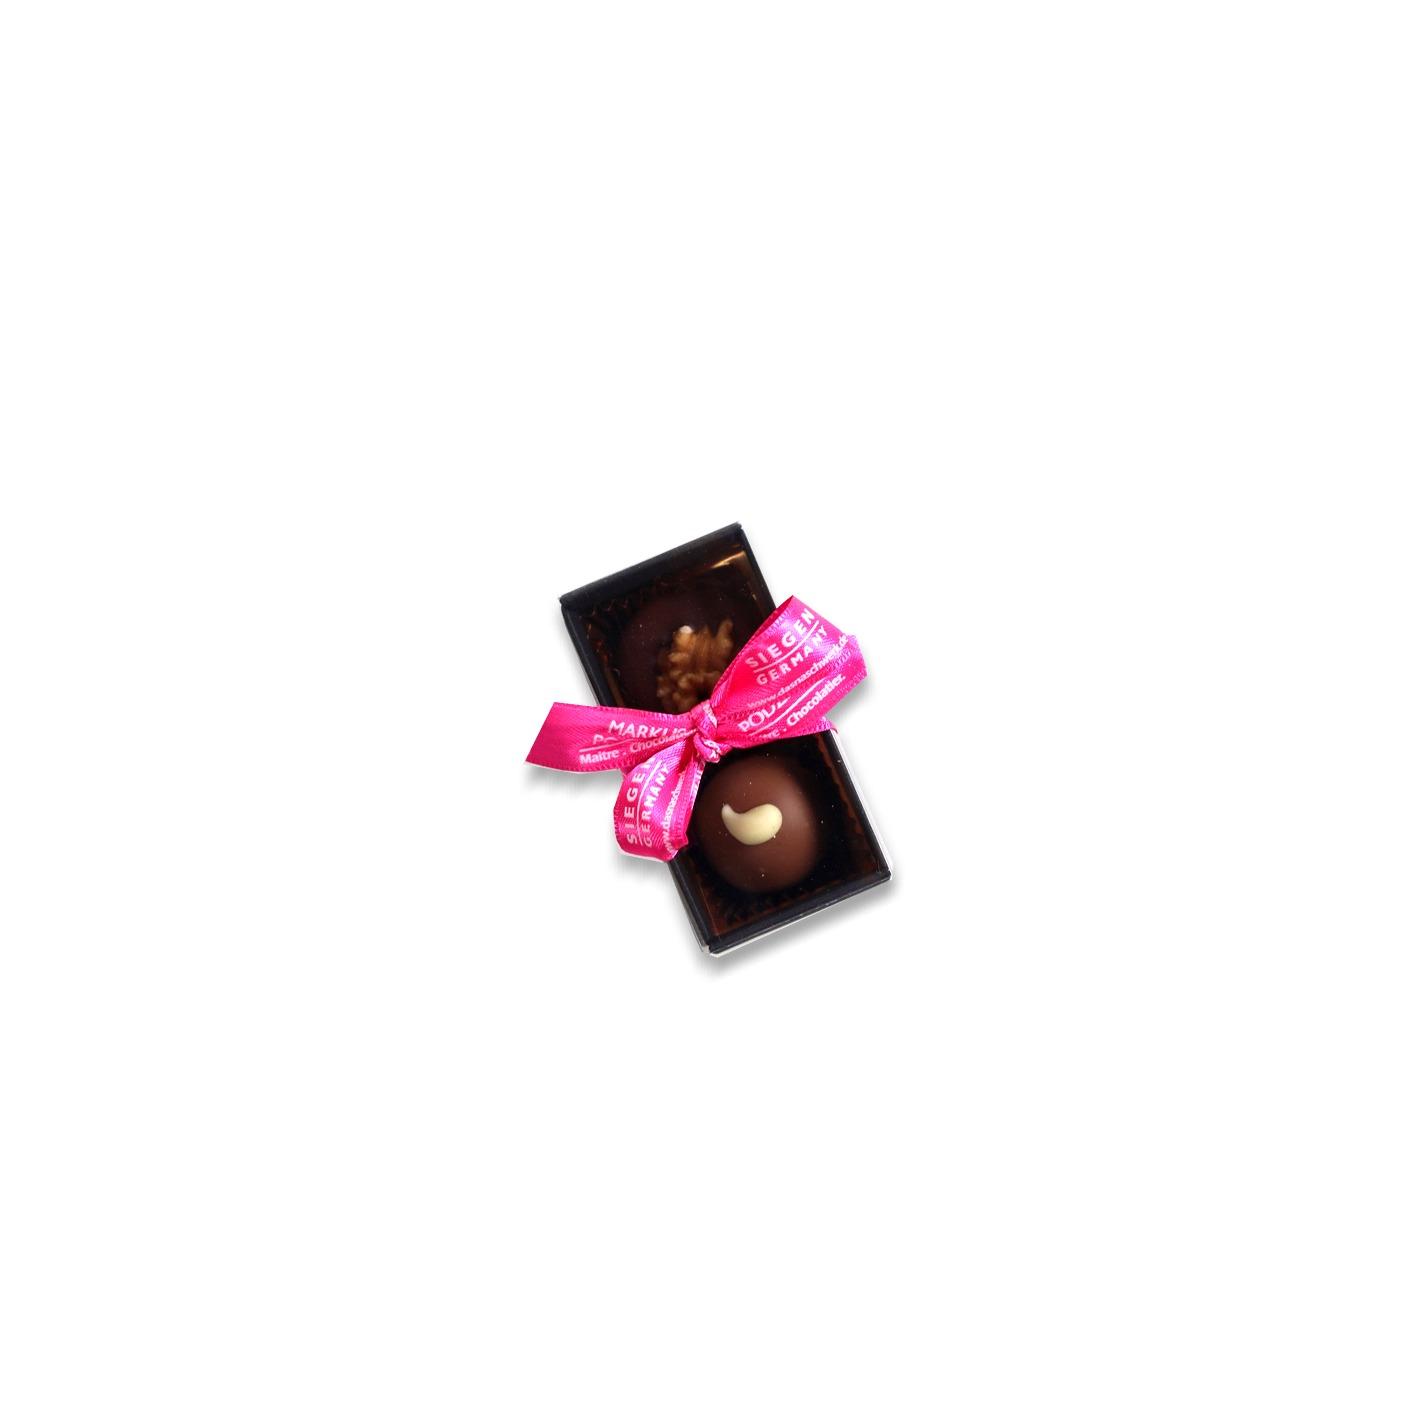 2er Trüffel- und Pralinenstange schwarz | dasnaschwerk